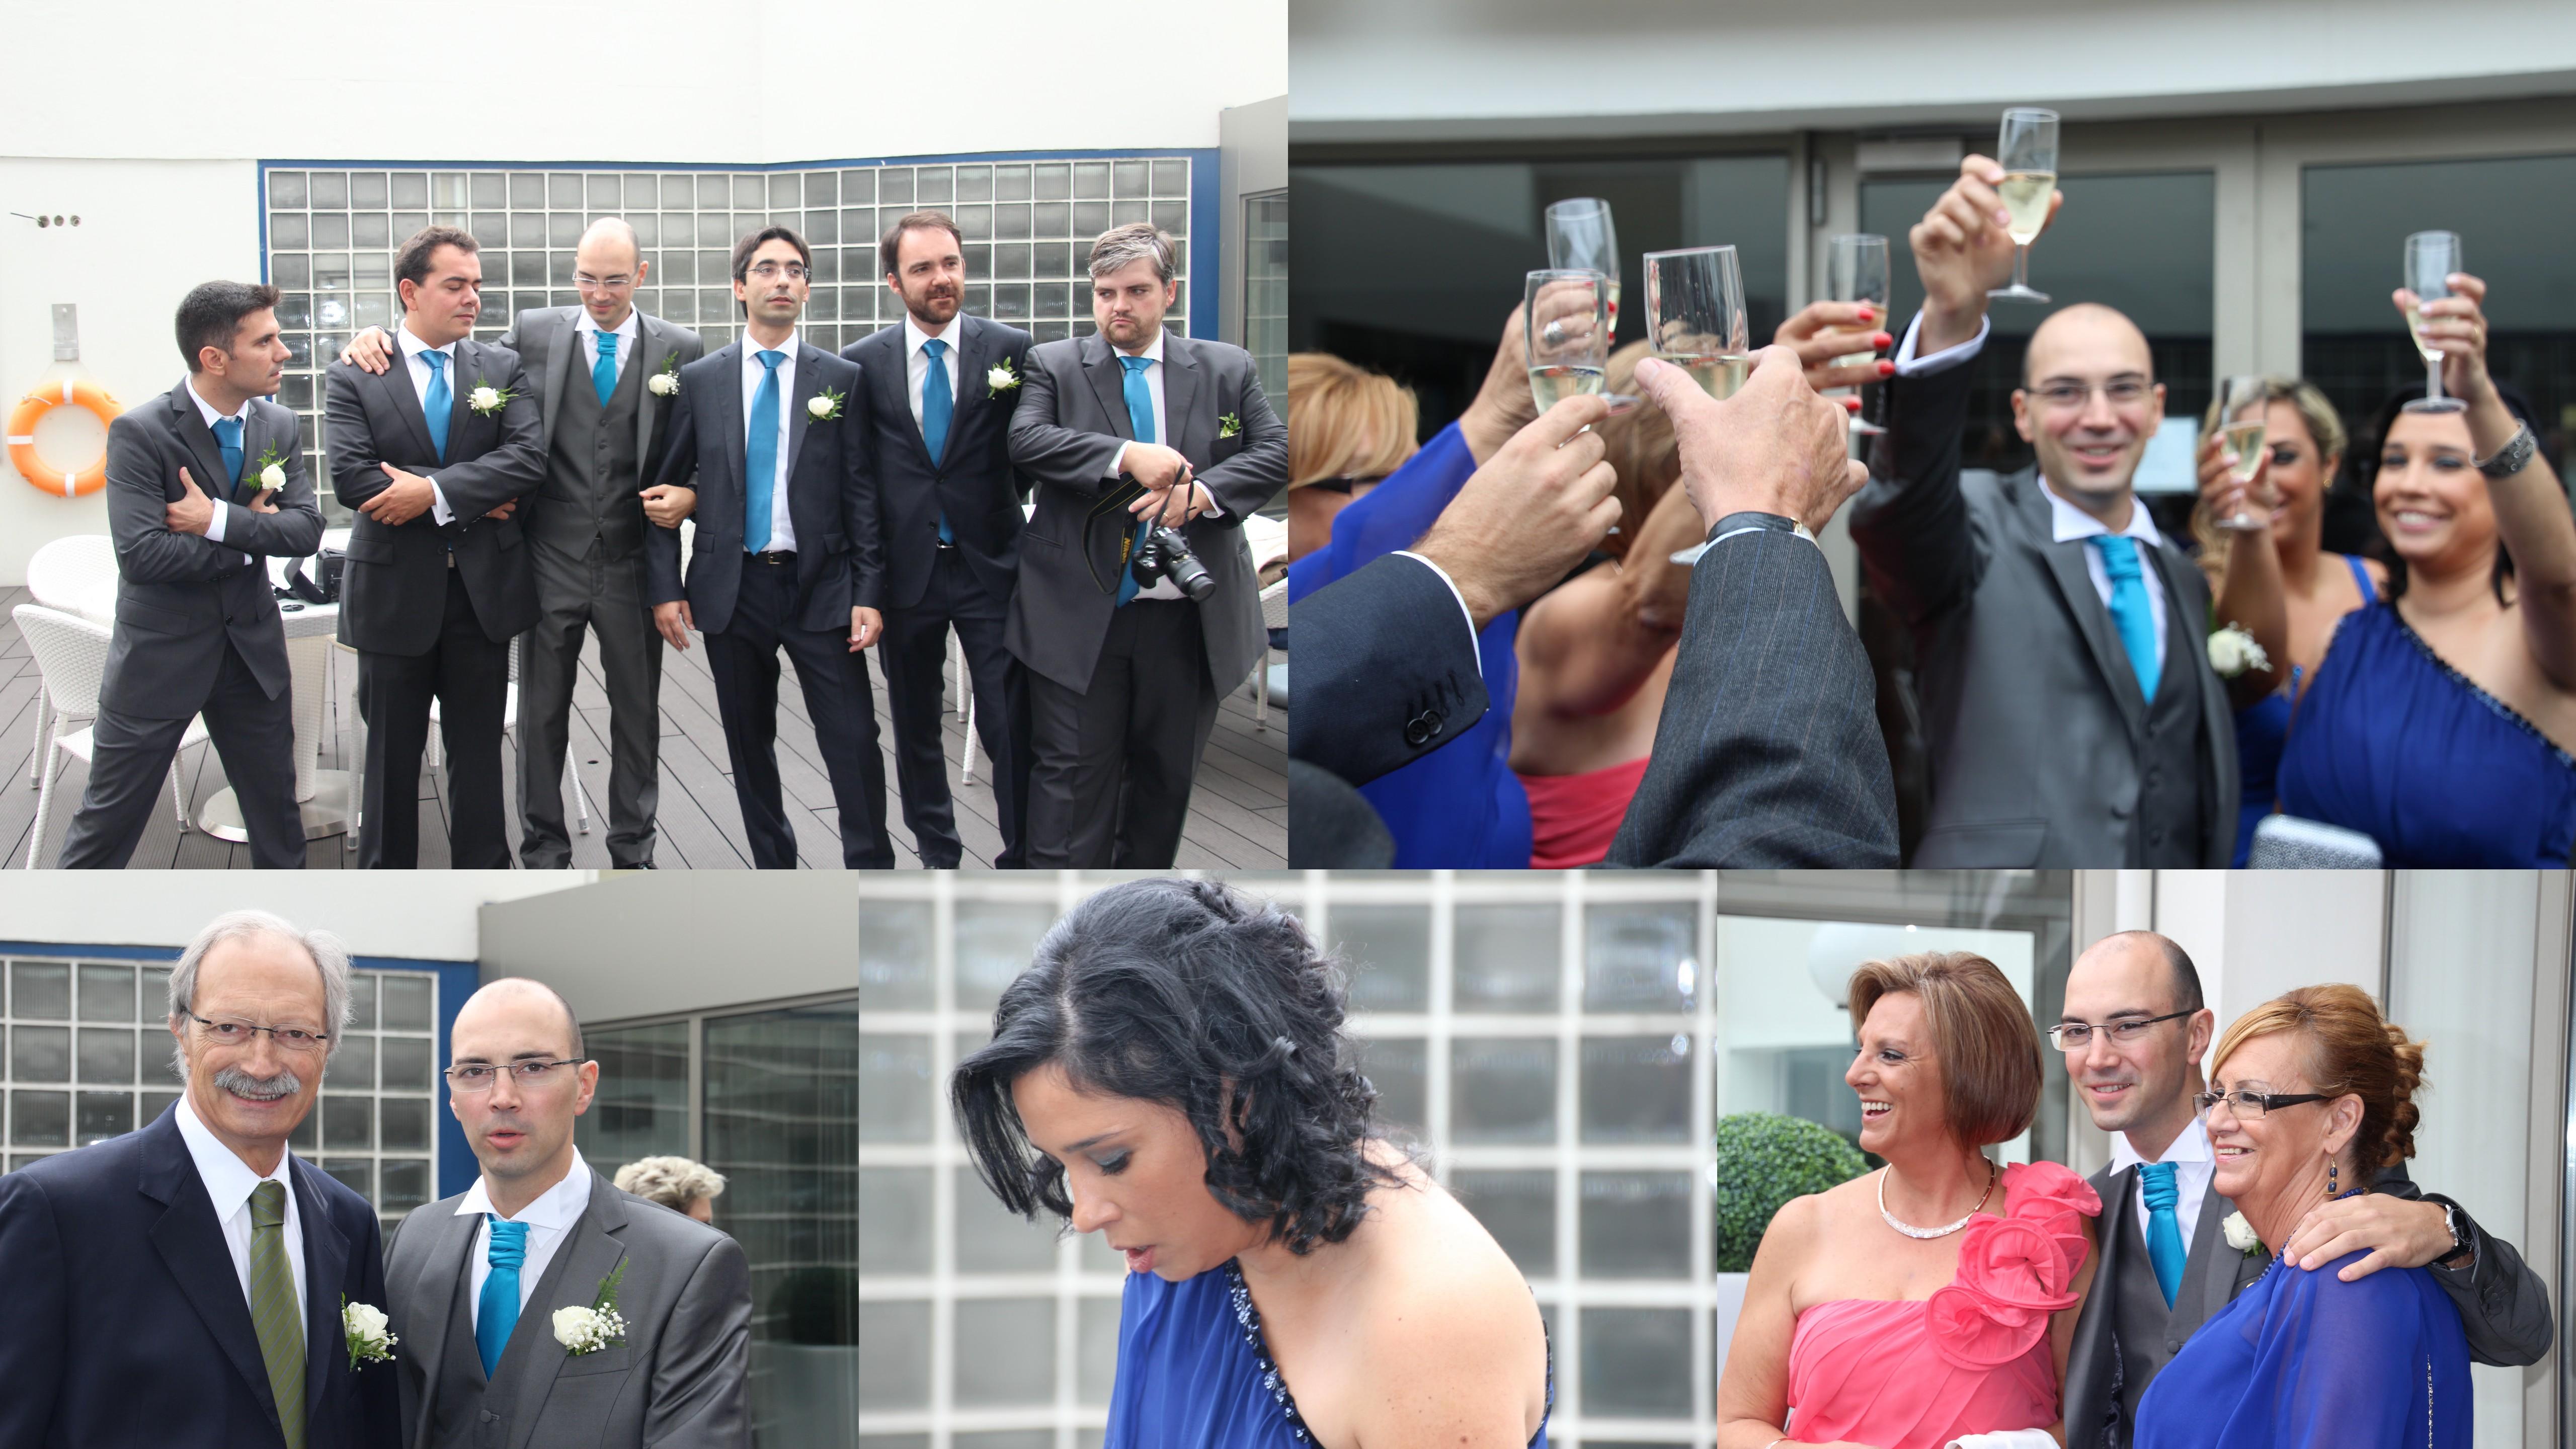 20131012 - Casamento